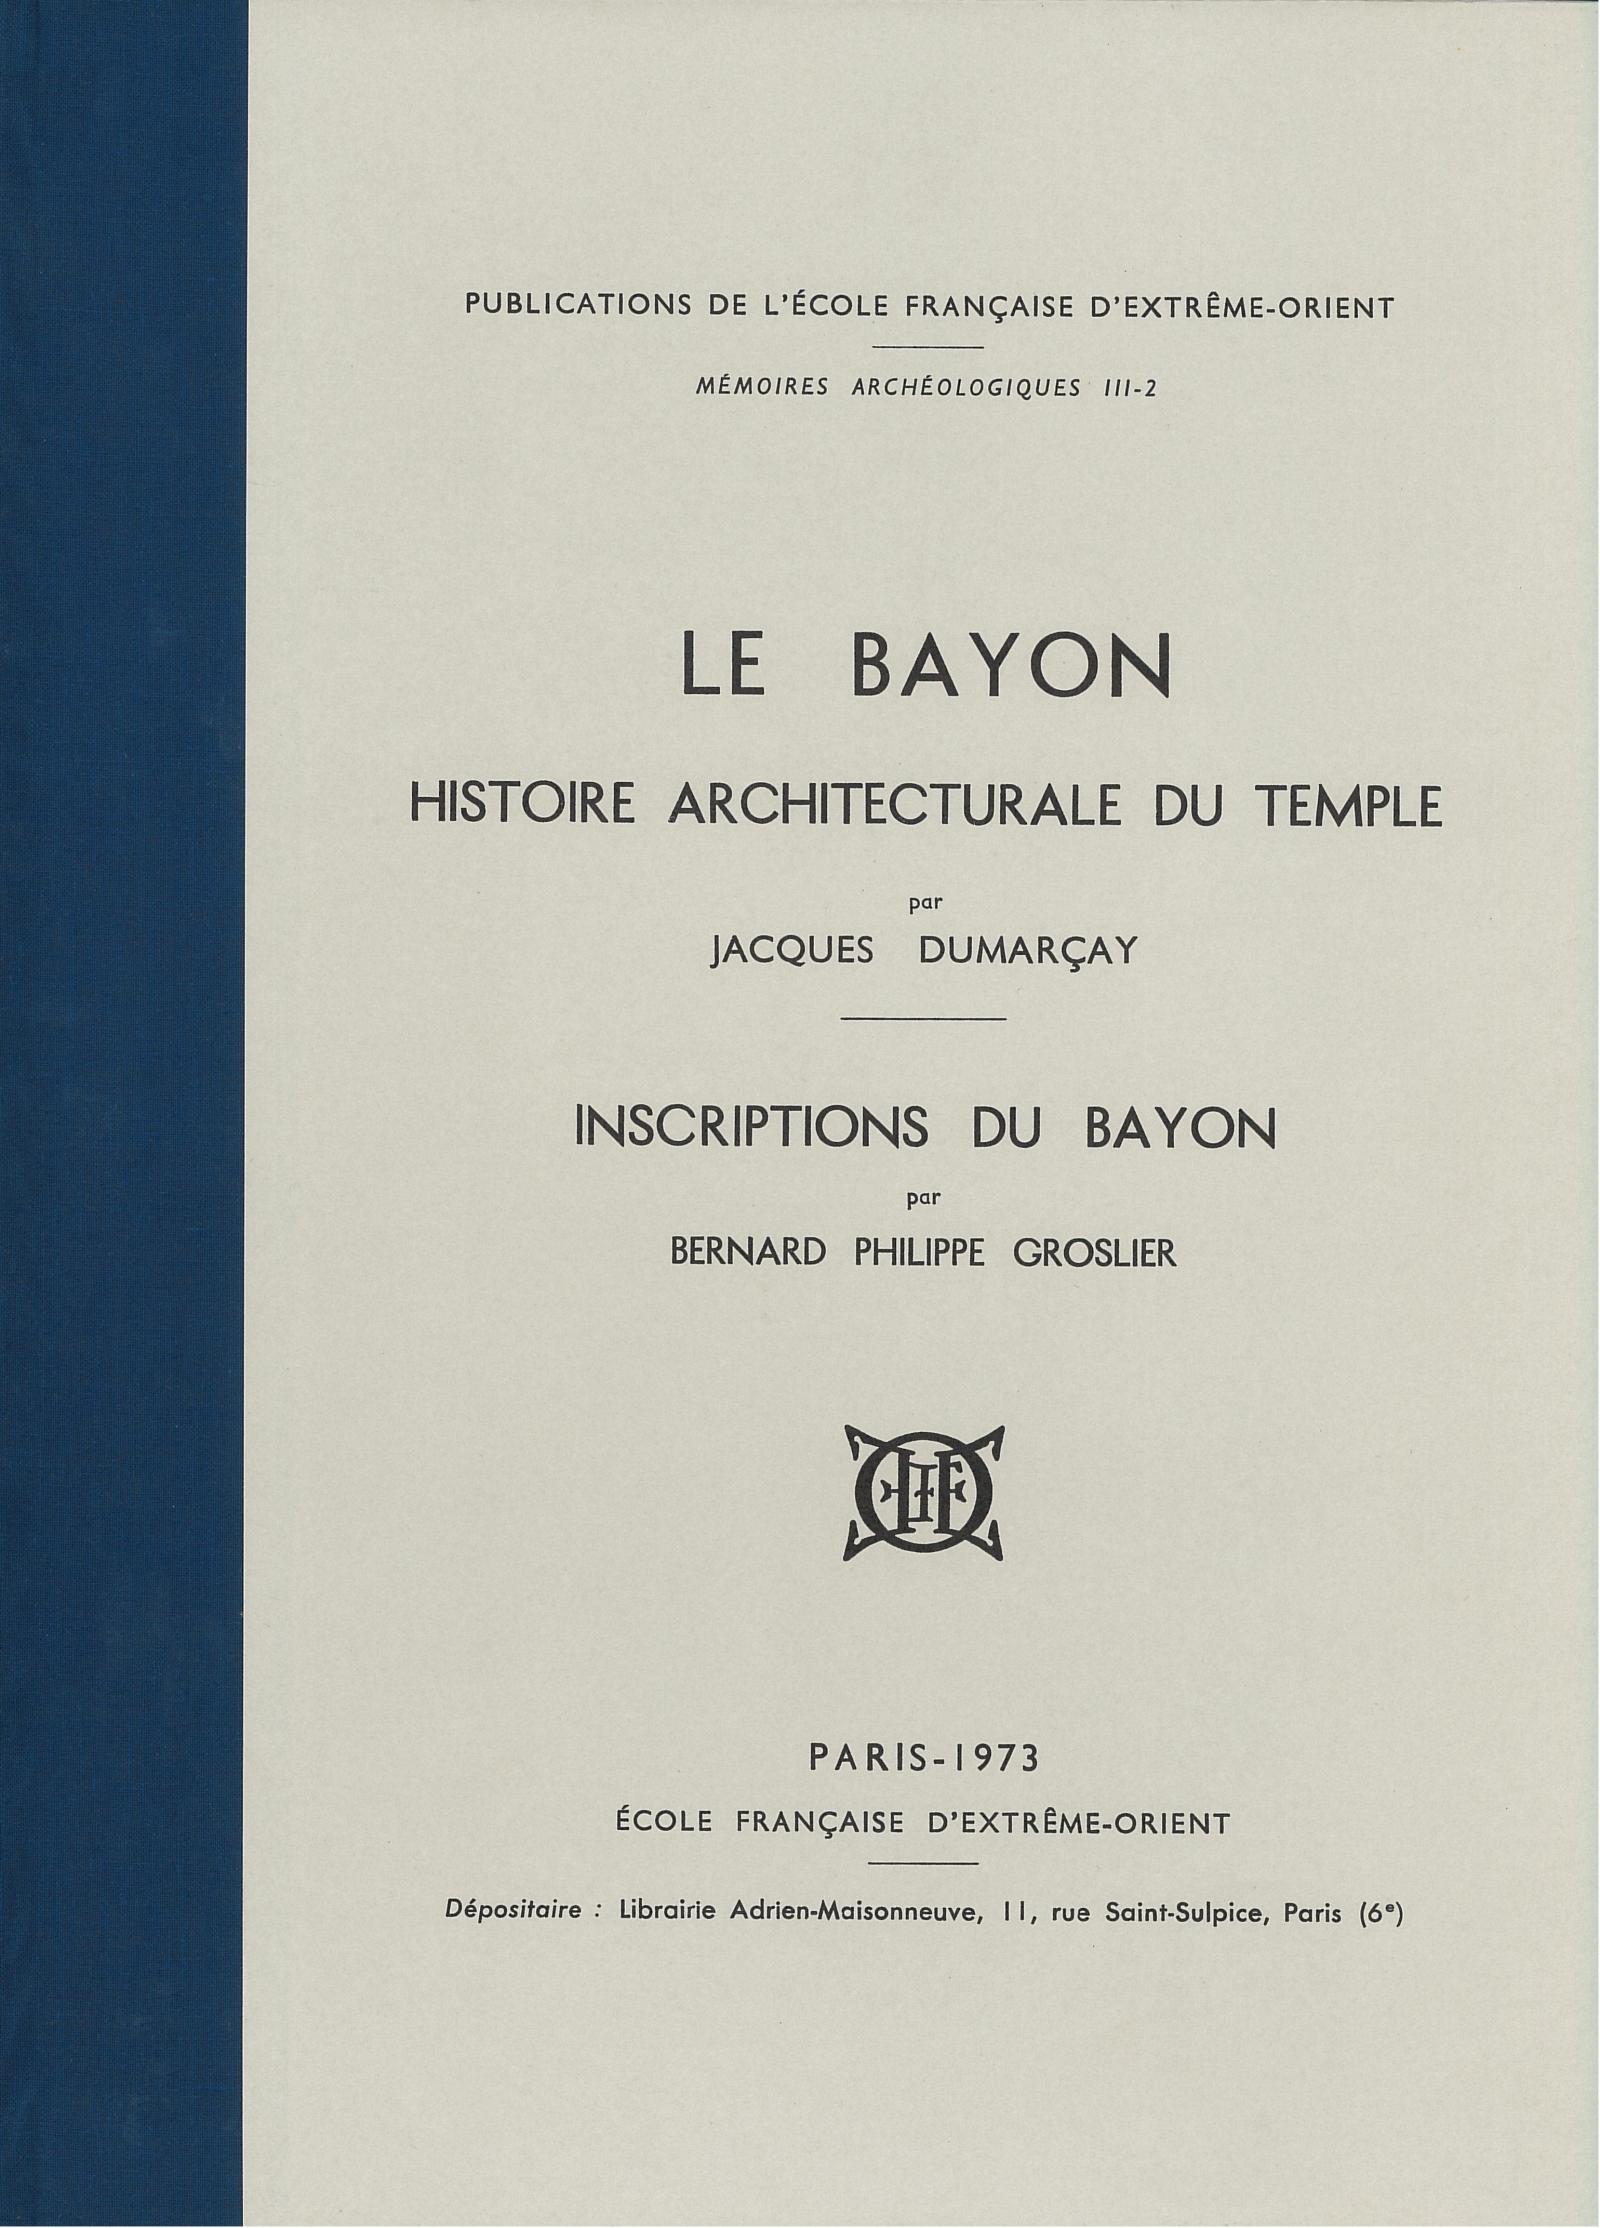 Le Bayon, histoire architecturale du temple : Atlas et notice des planches et Inscriptions du Bayon